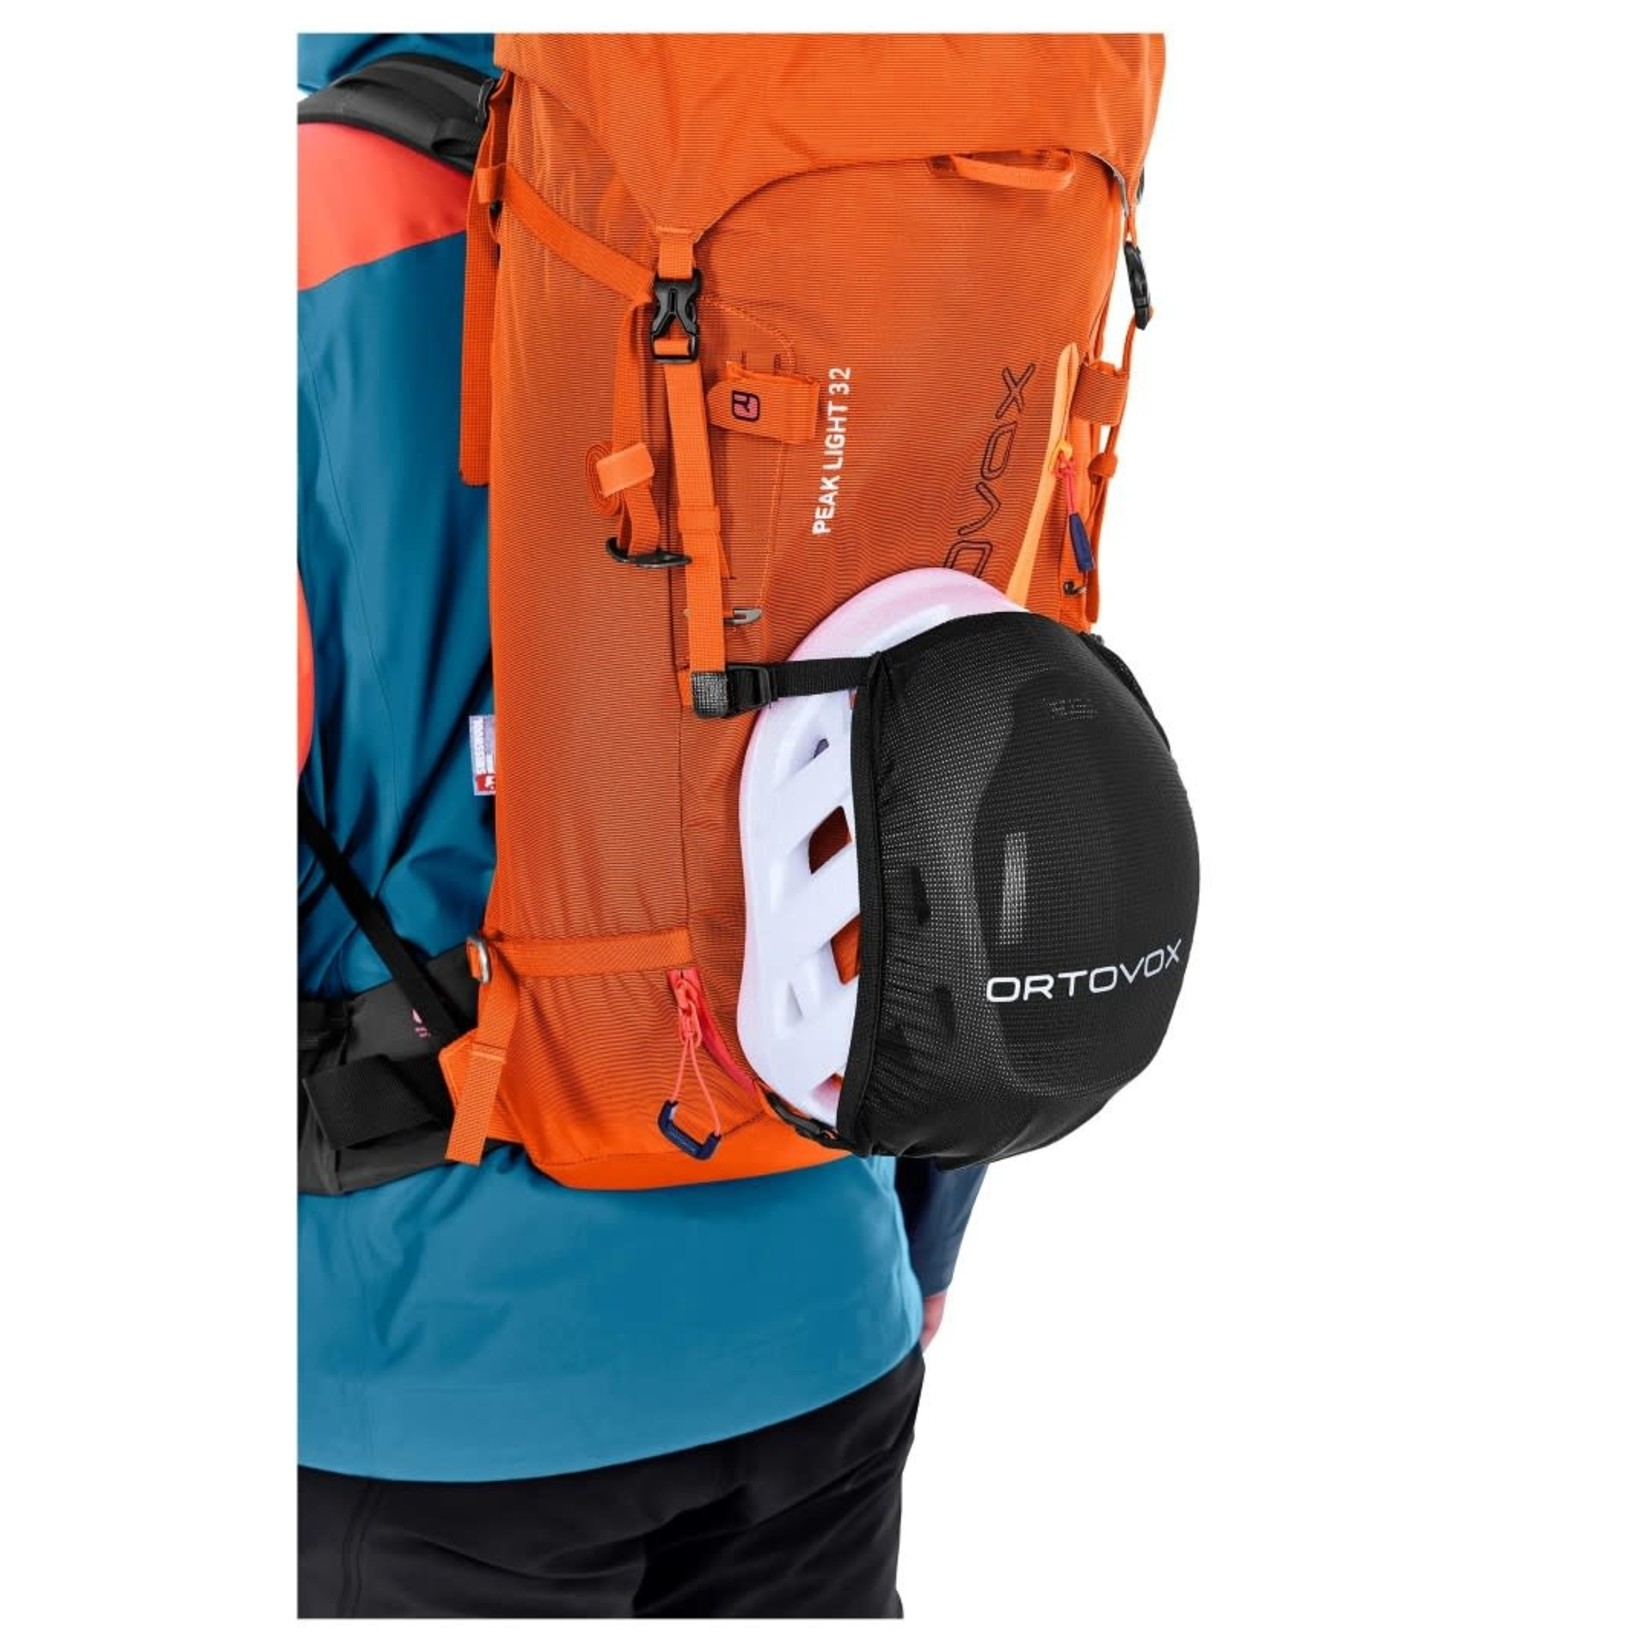 Ortovox Ortovox Peak Light 32 Pack